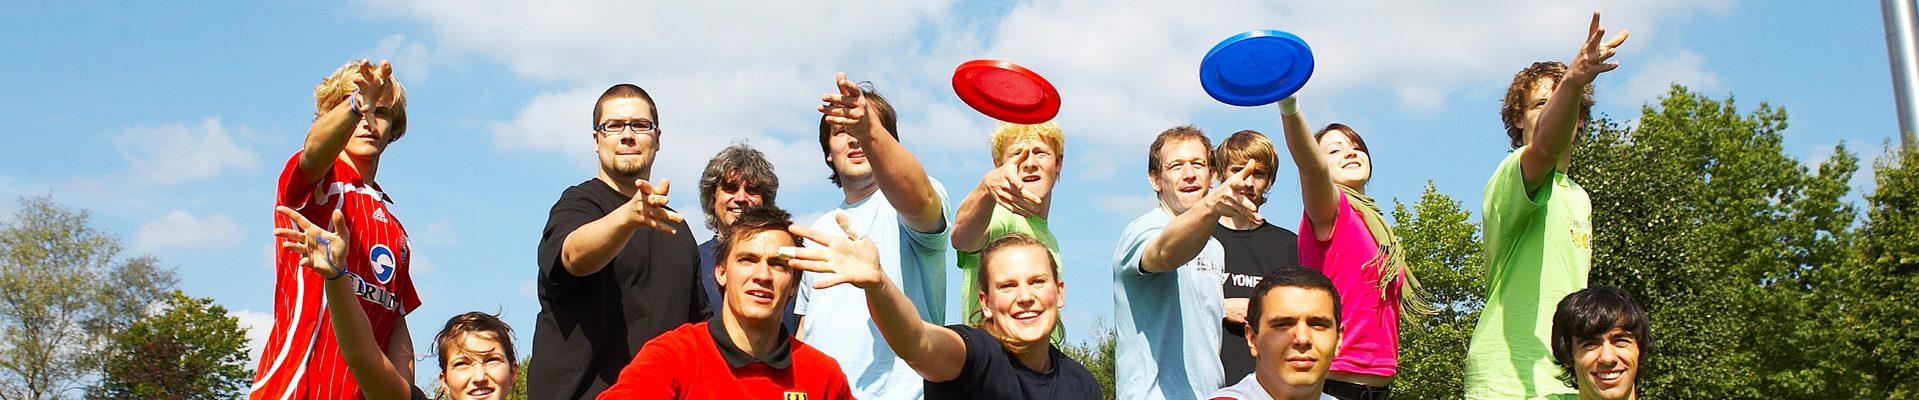 Headerbild Jugendordnung der Sportjugend NRW: Jugendgruppe bei Frisbee-Spiel